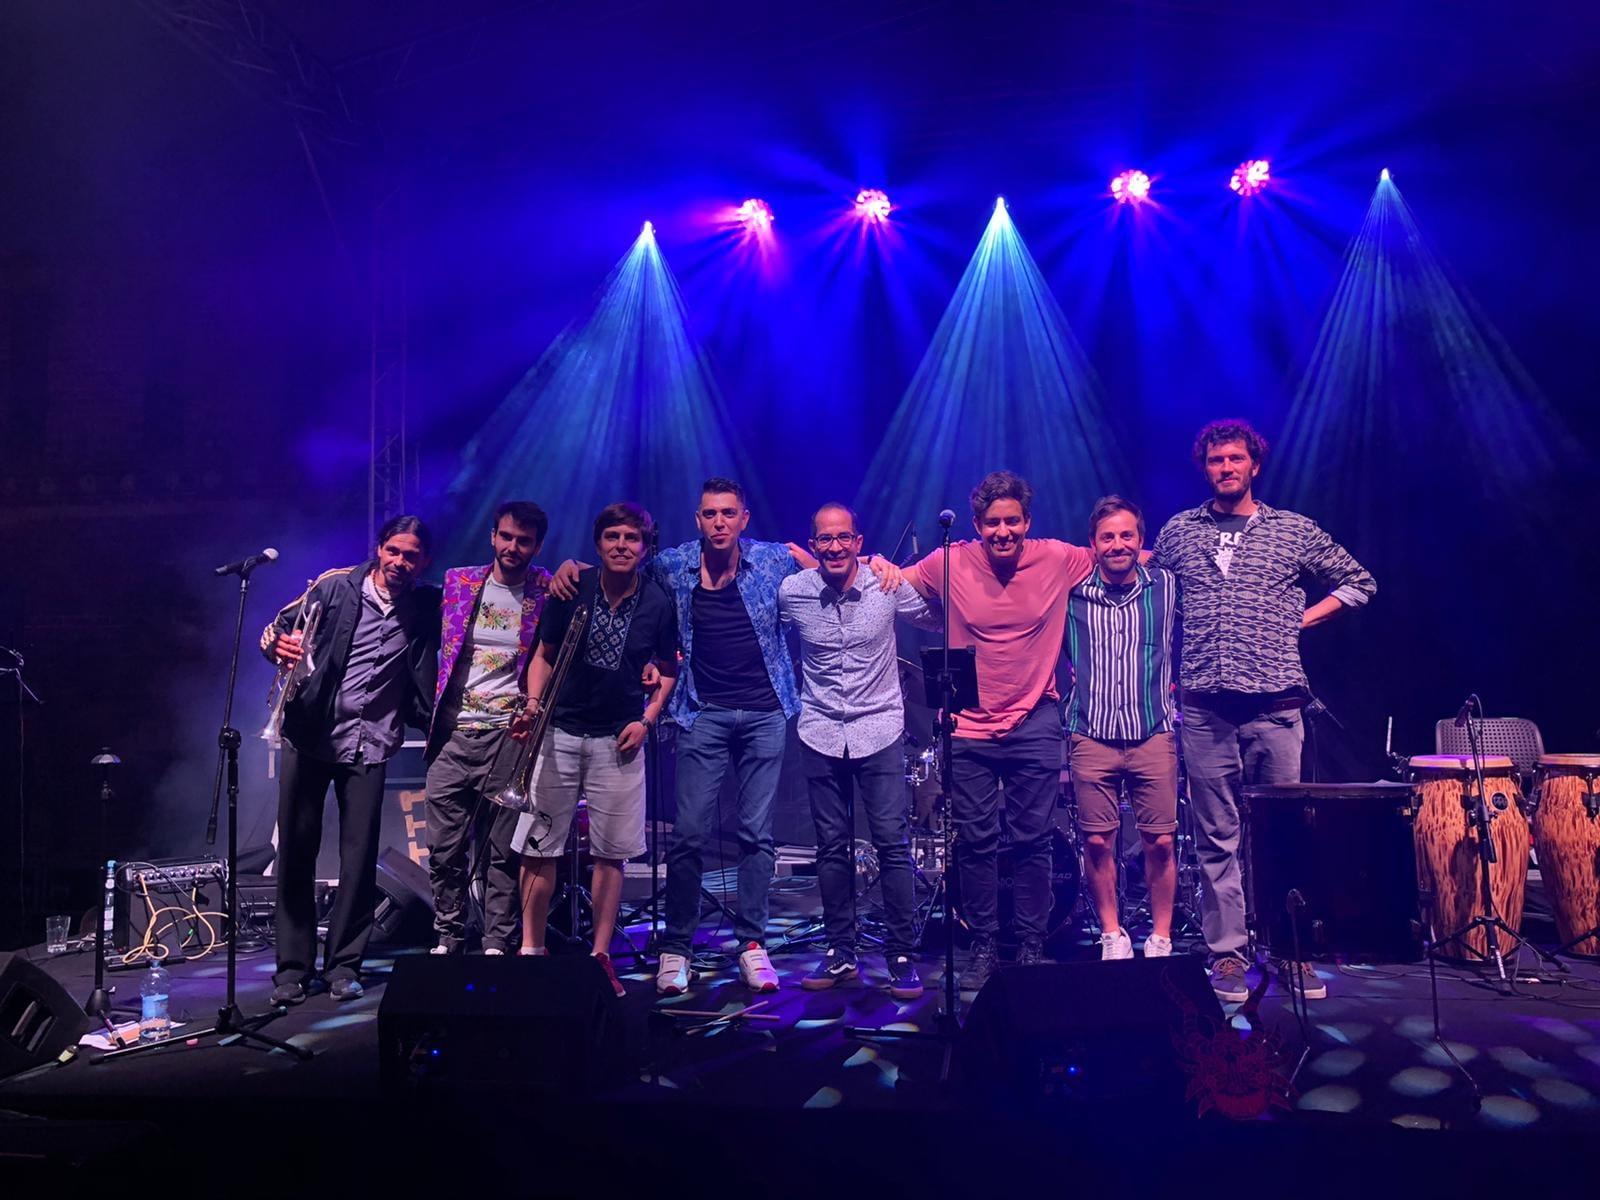 Cumbia Band Choque Sonidero | Hit the road music studio